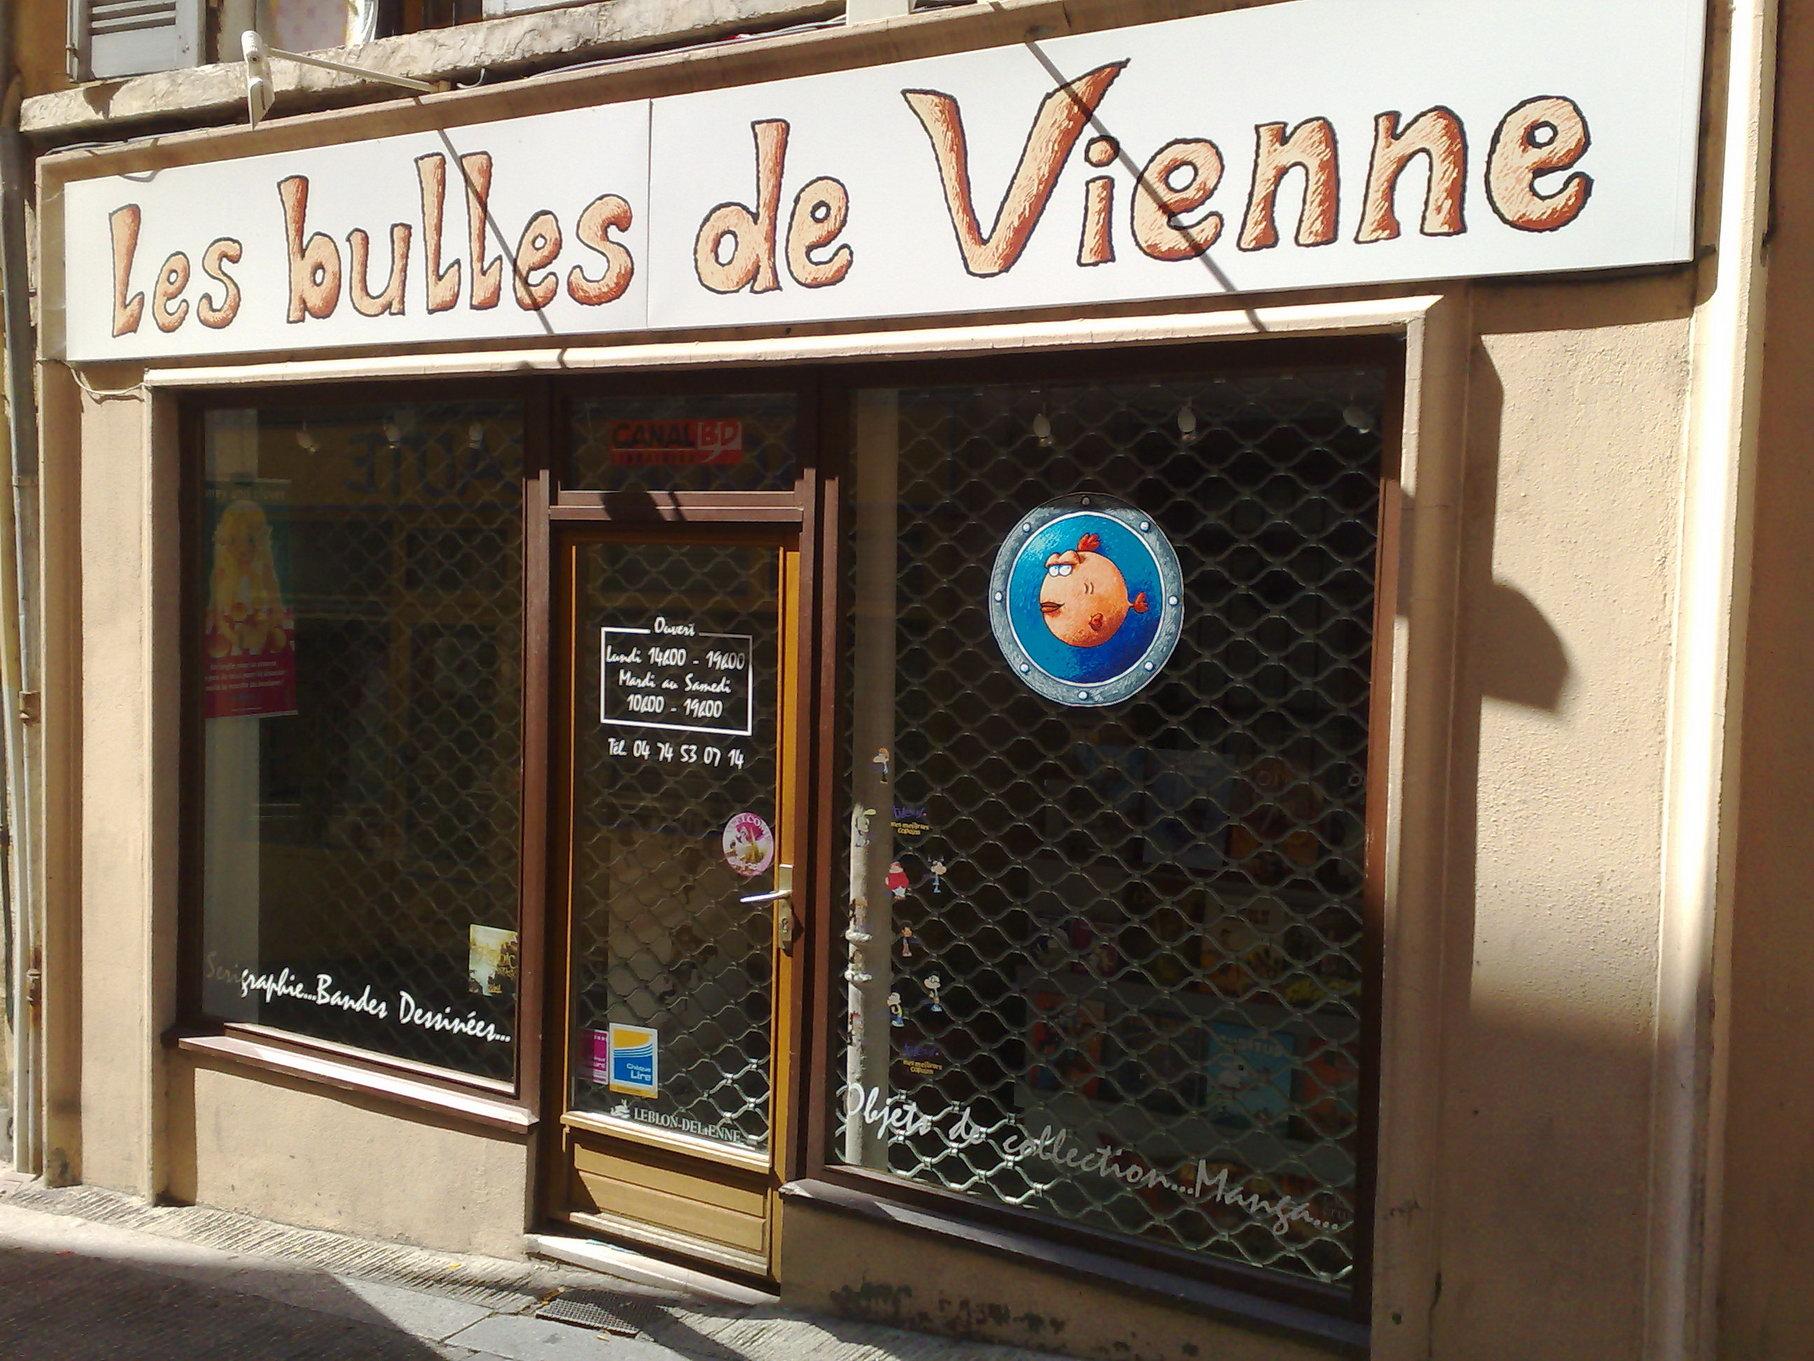 Les bulles de Vienne